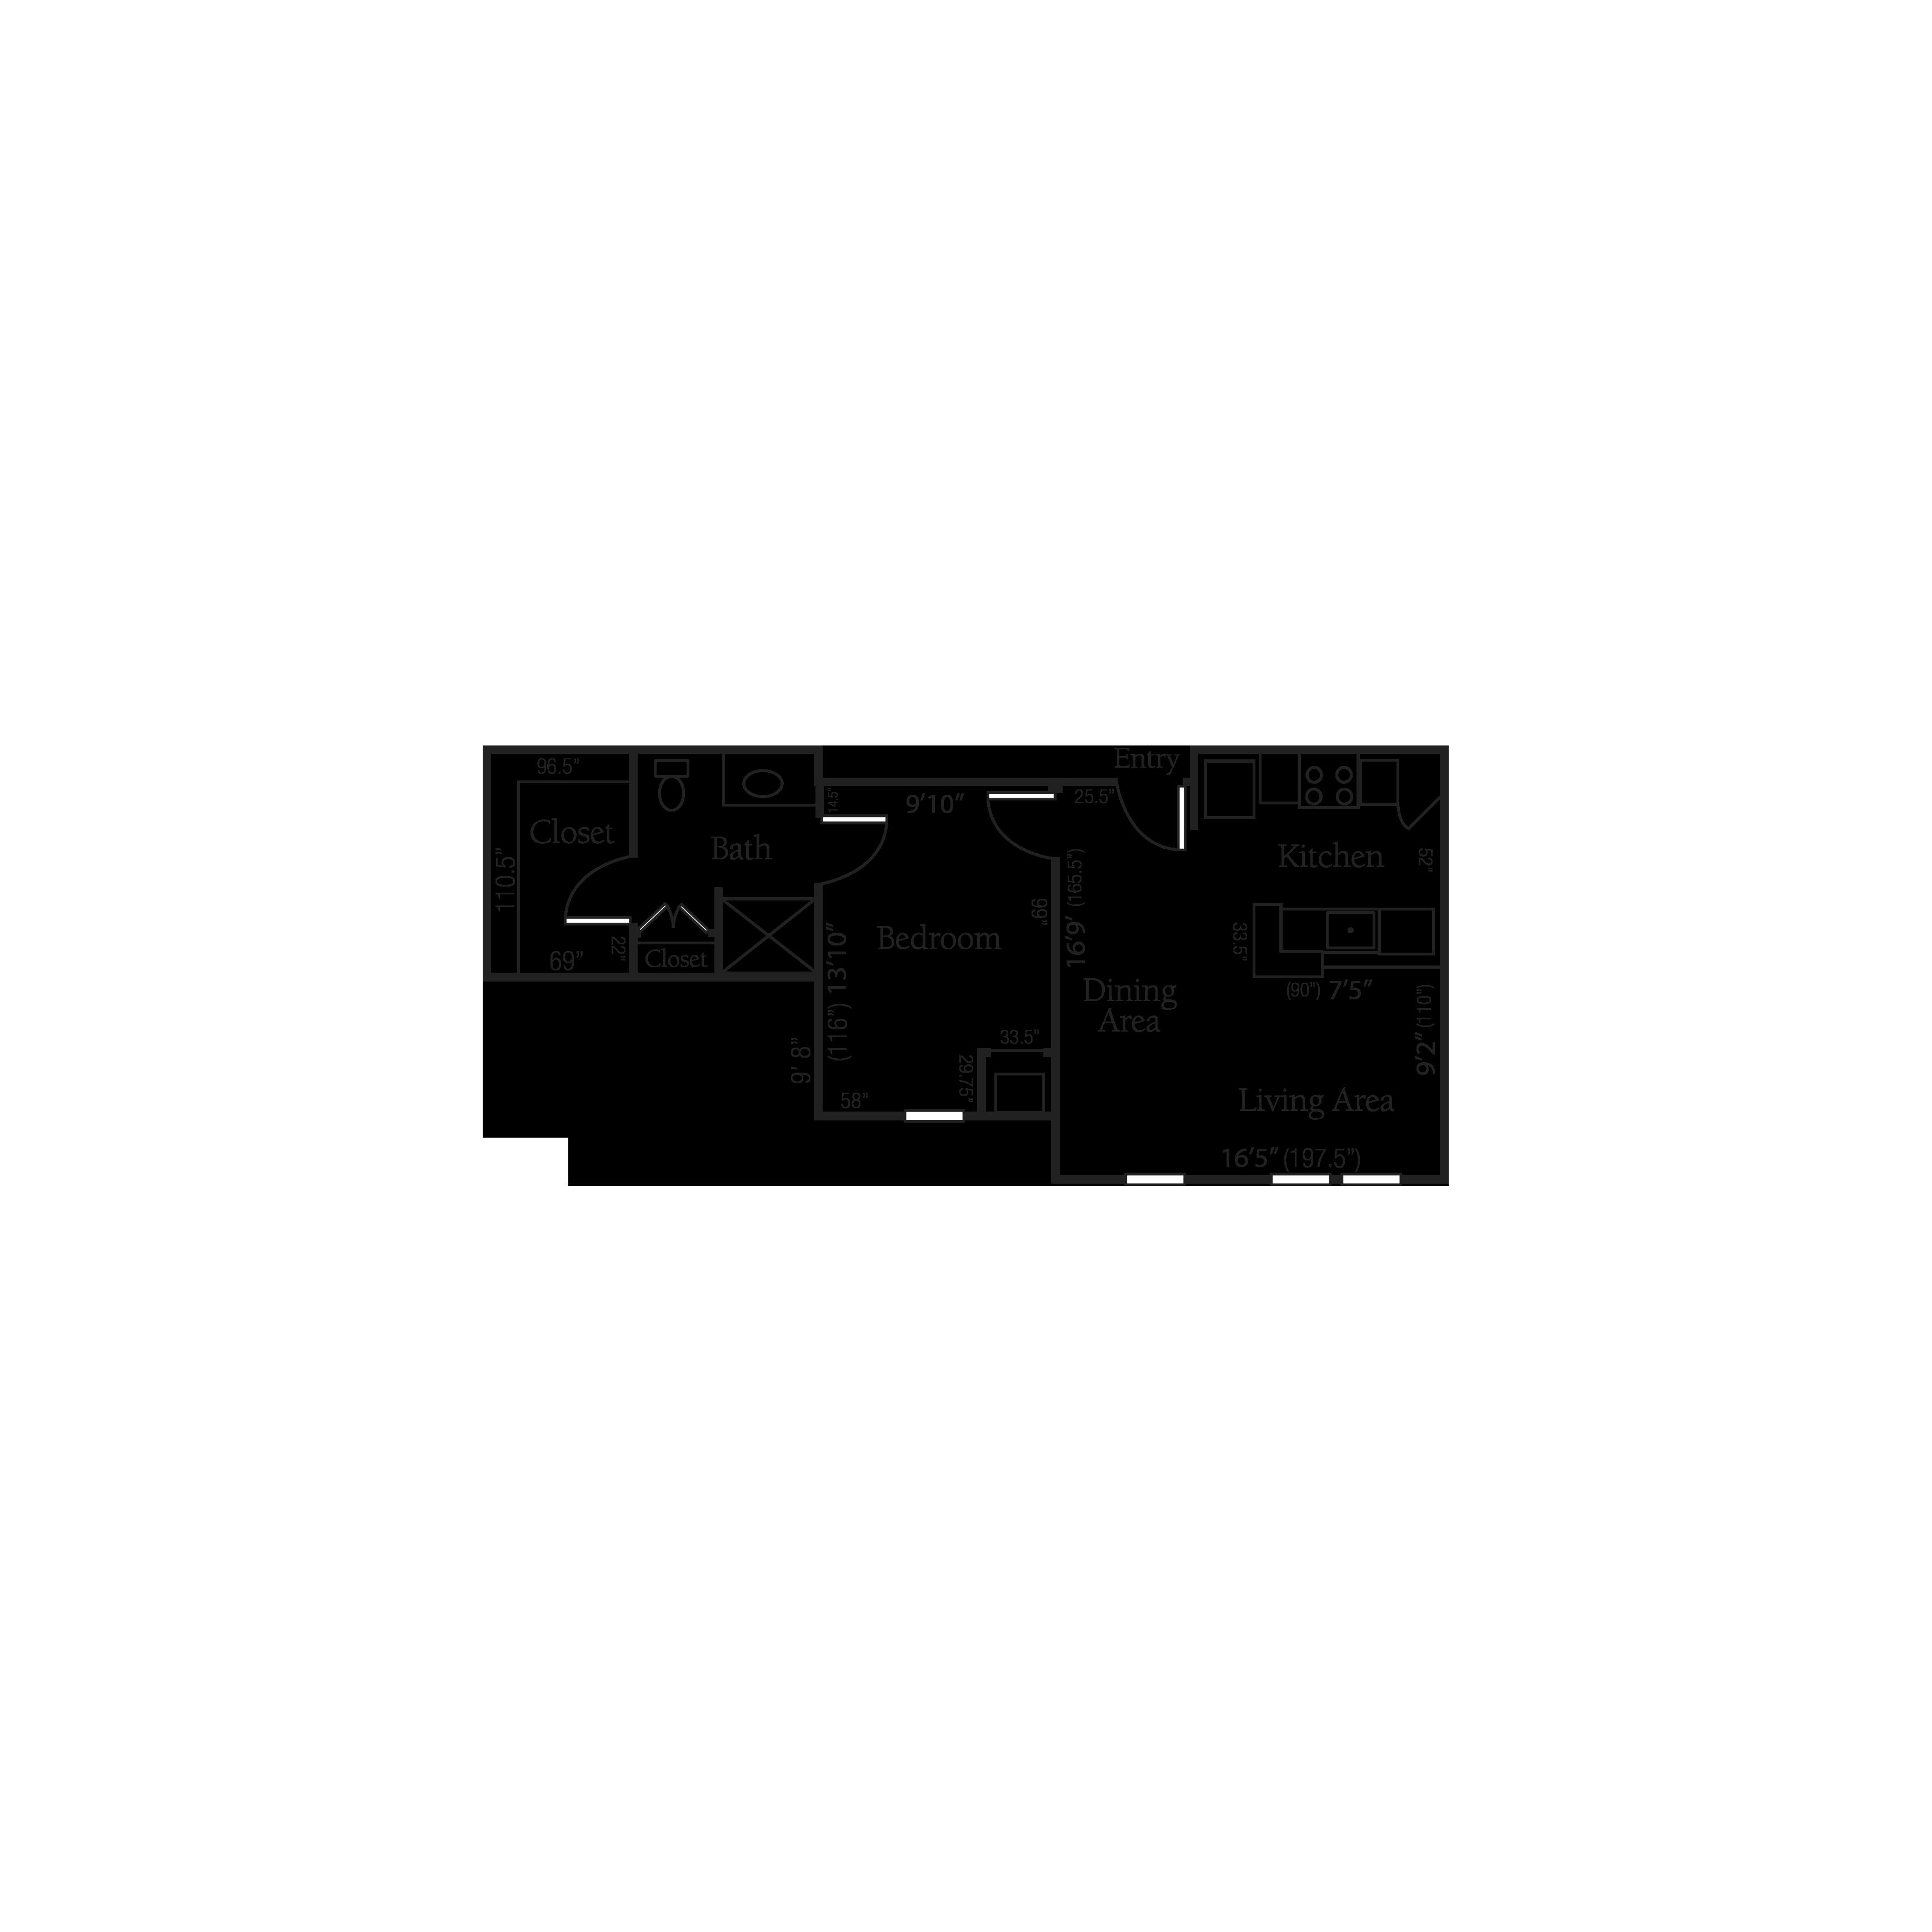 The Berkeley floor plan